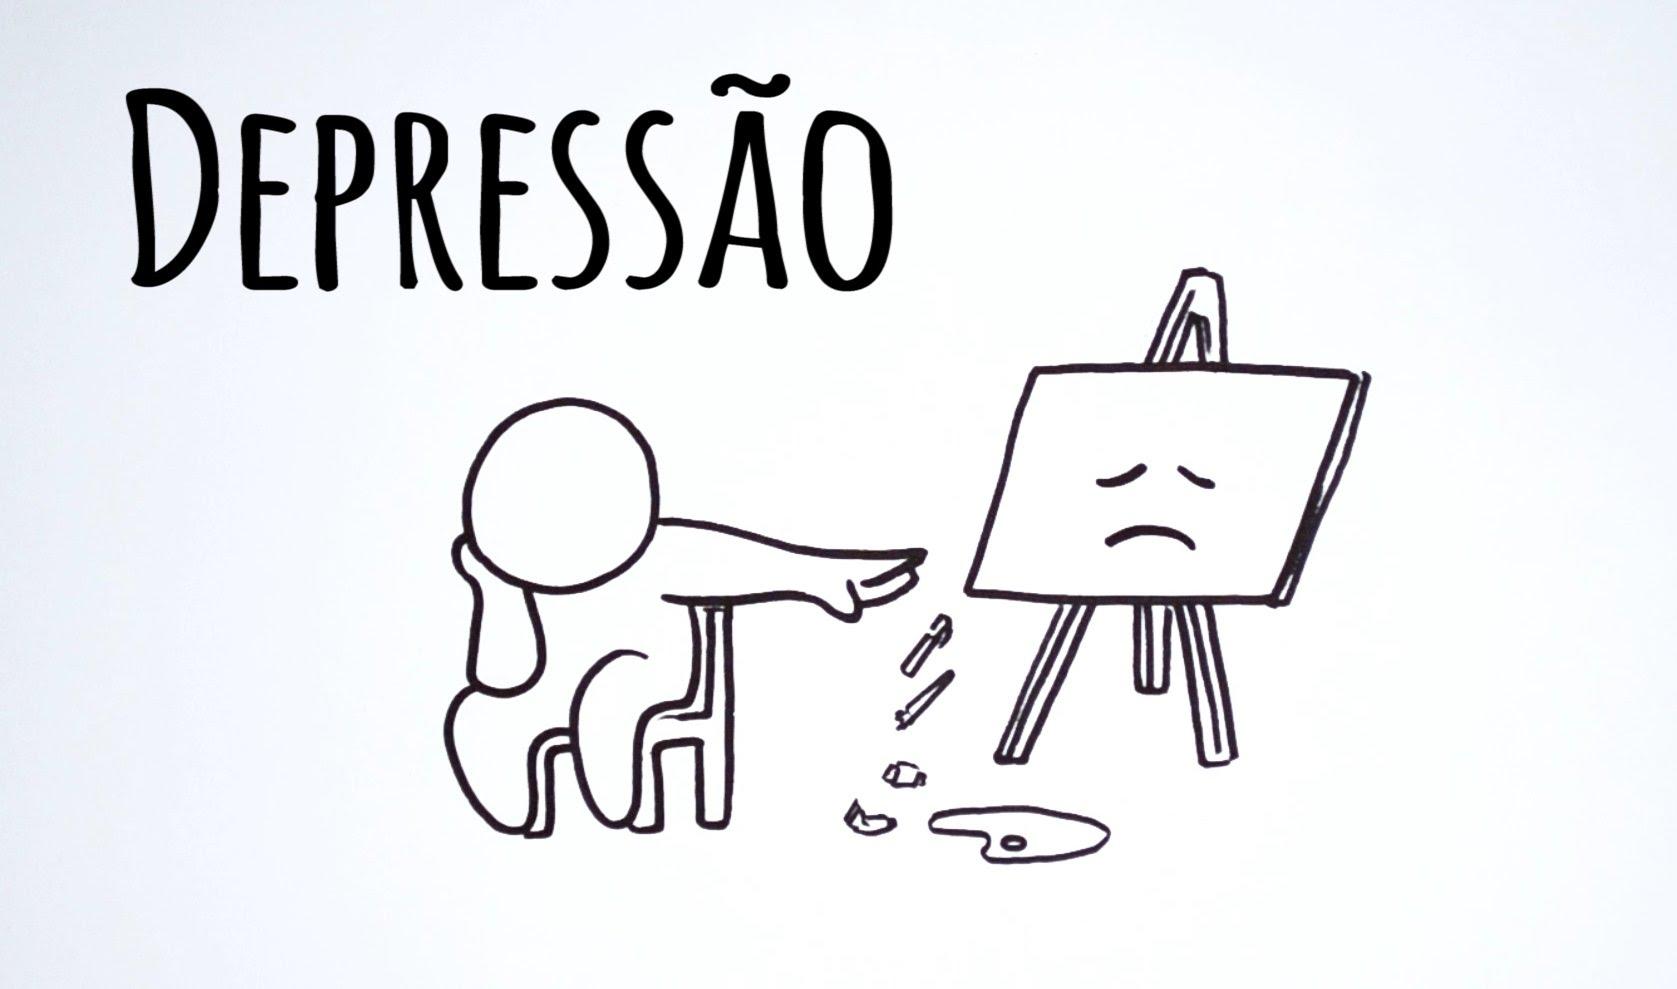 Depressão: Como Se Manifesta?